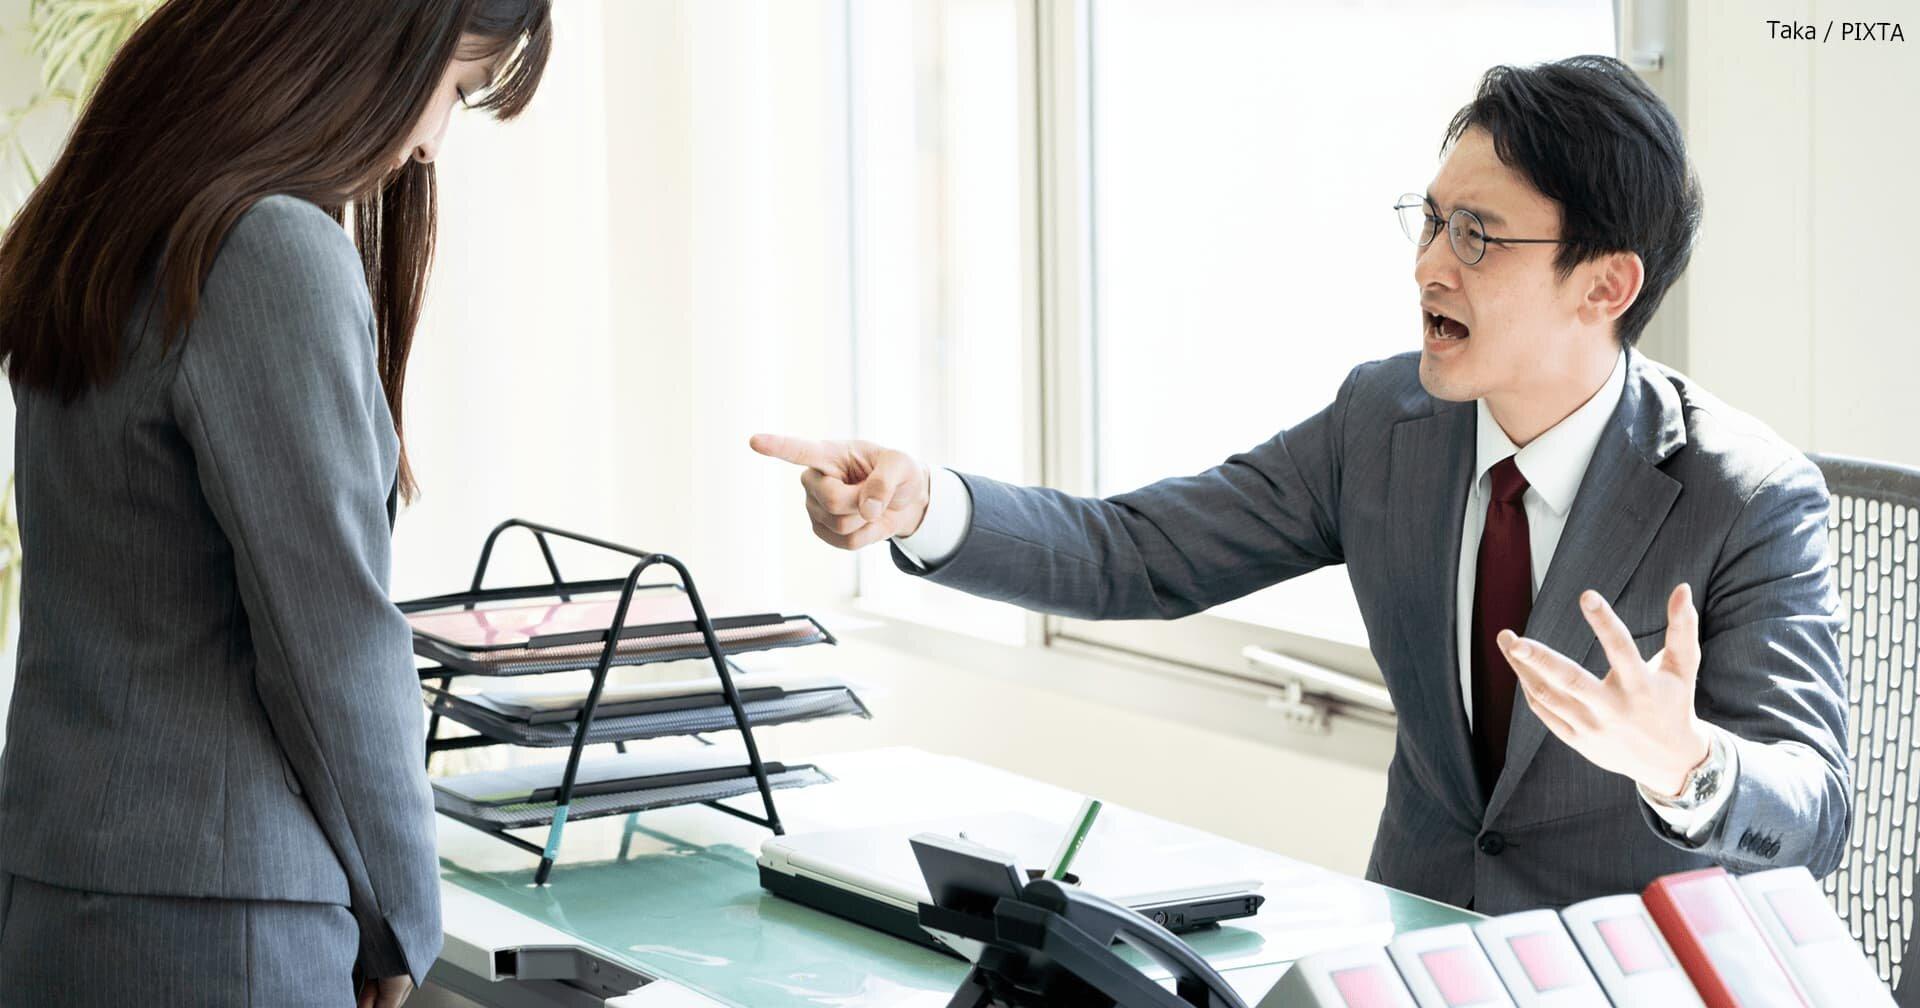 パワハラは企業と従業員にどんな損害をもたらすのか?